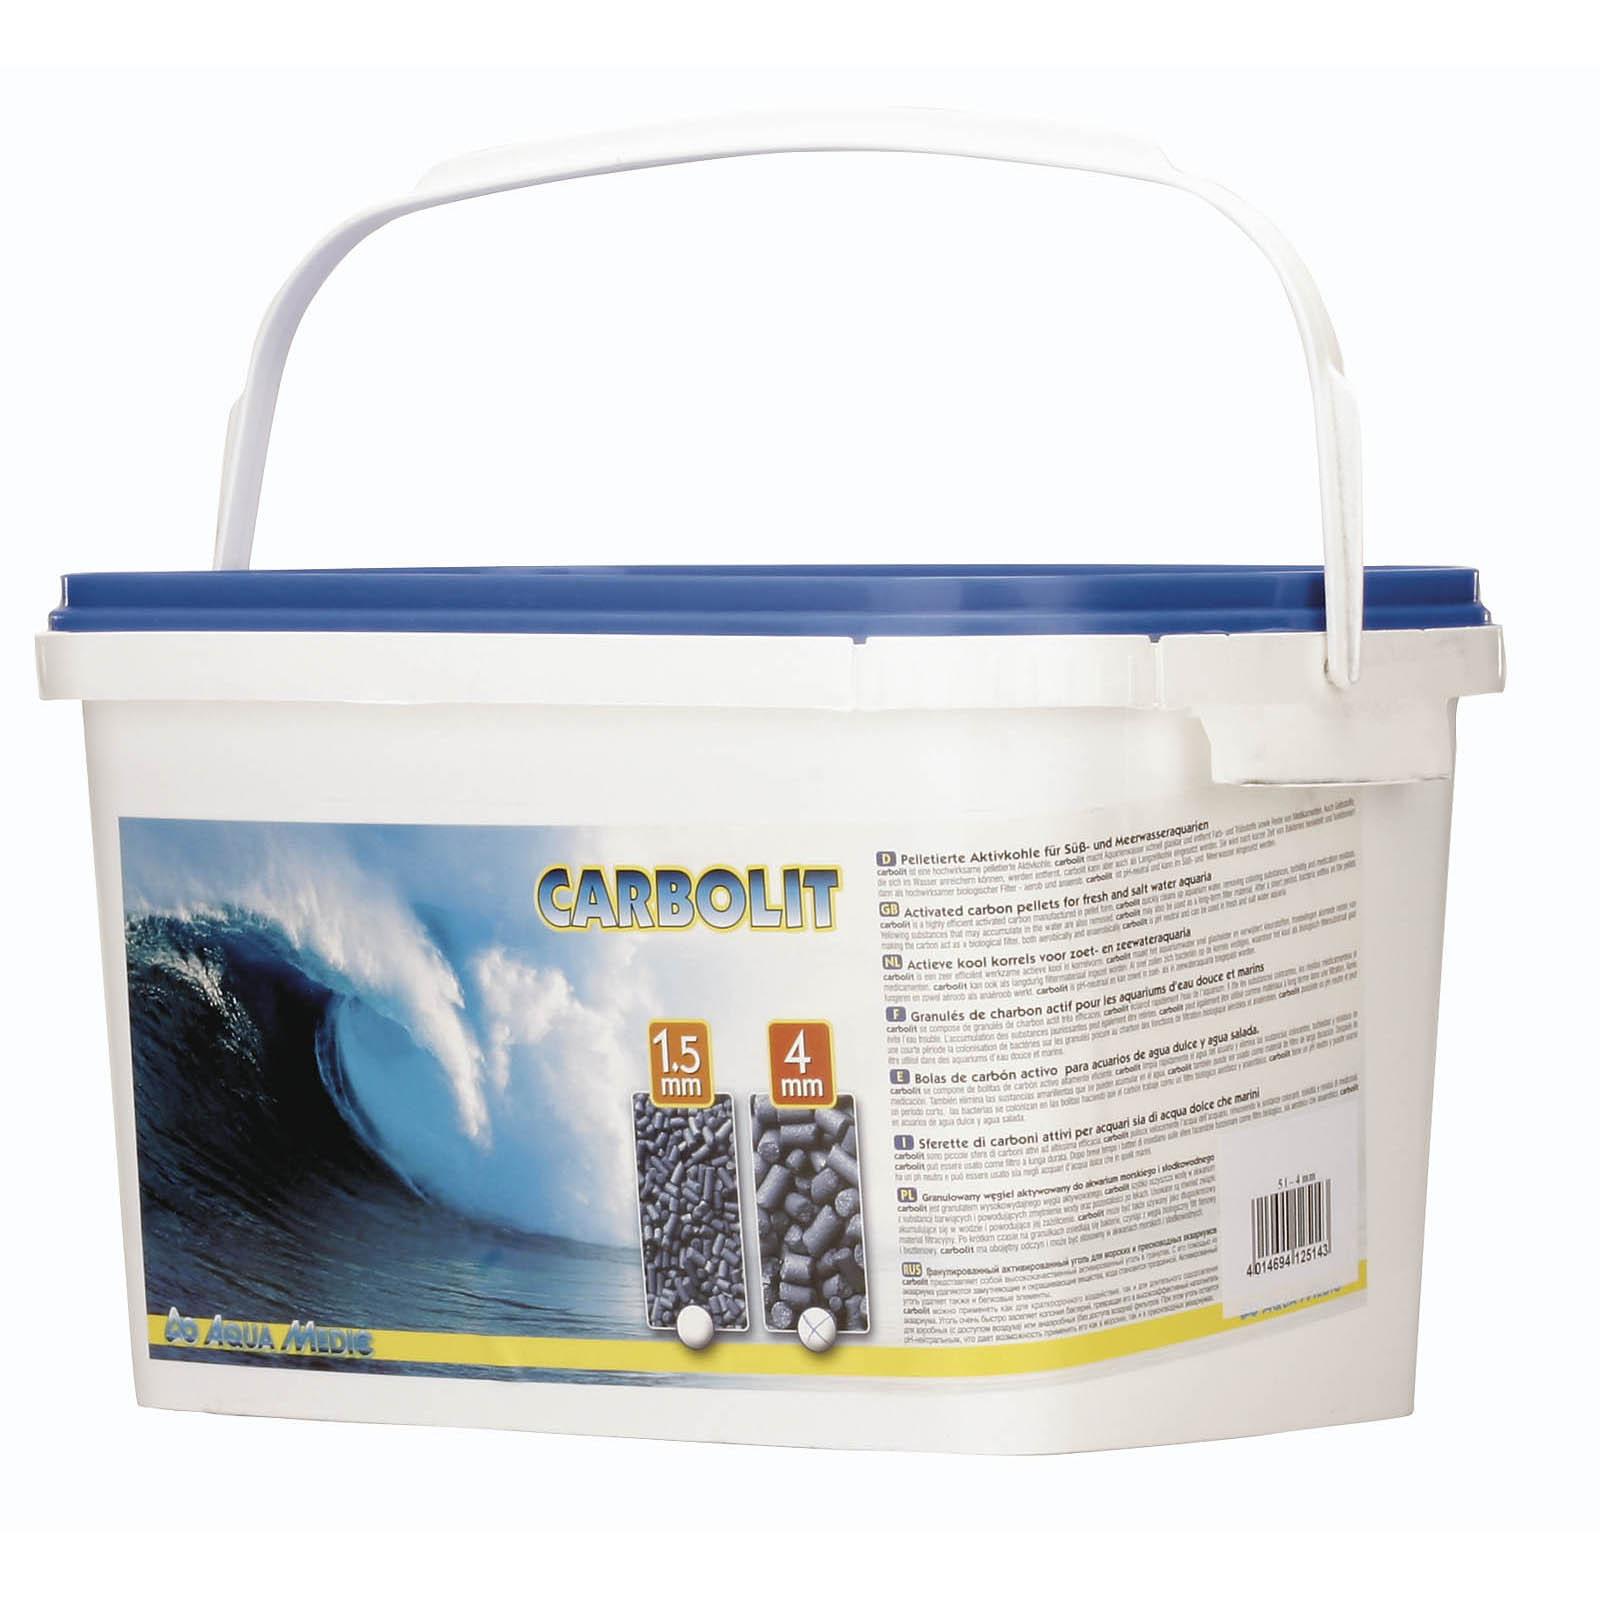 AQUA MEDIC Carbolit 25 Kg granulés de charbon actif diamètre 1,5 mm pour les aquariums d\'eau douce et d\'eau de mer